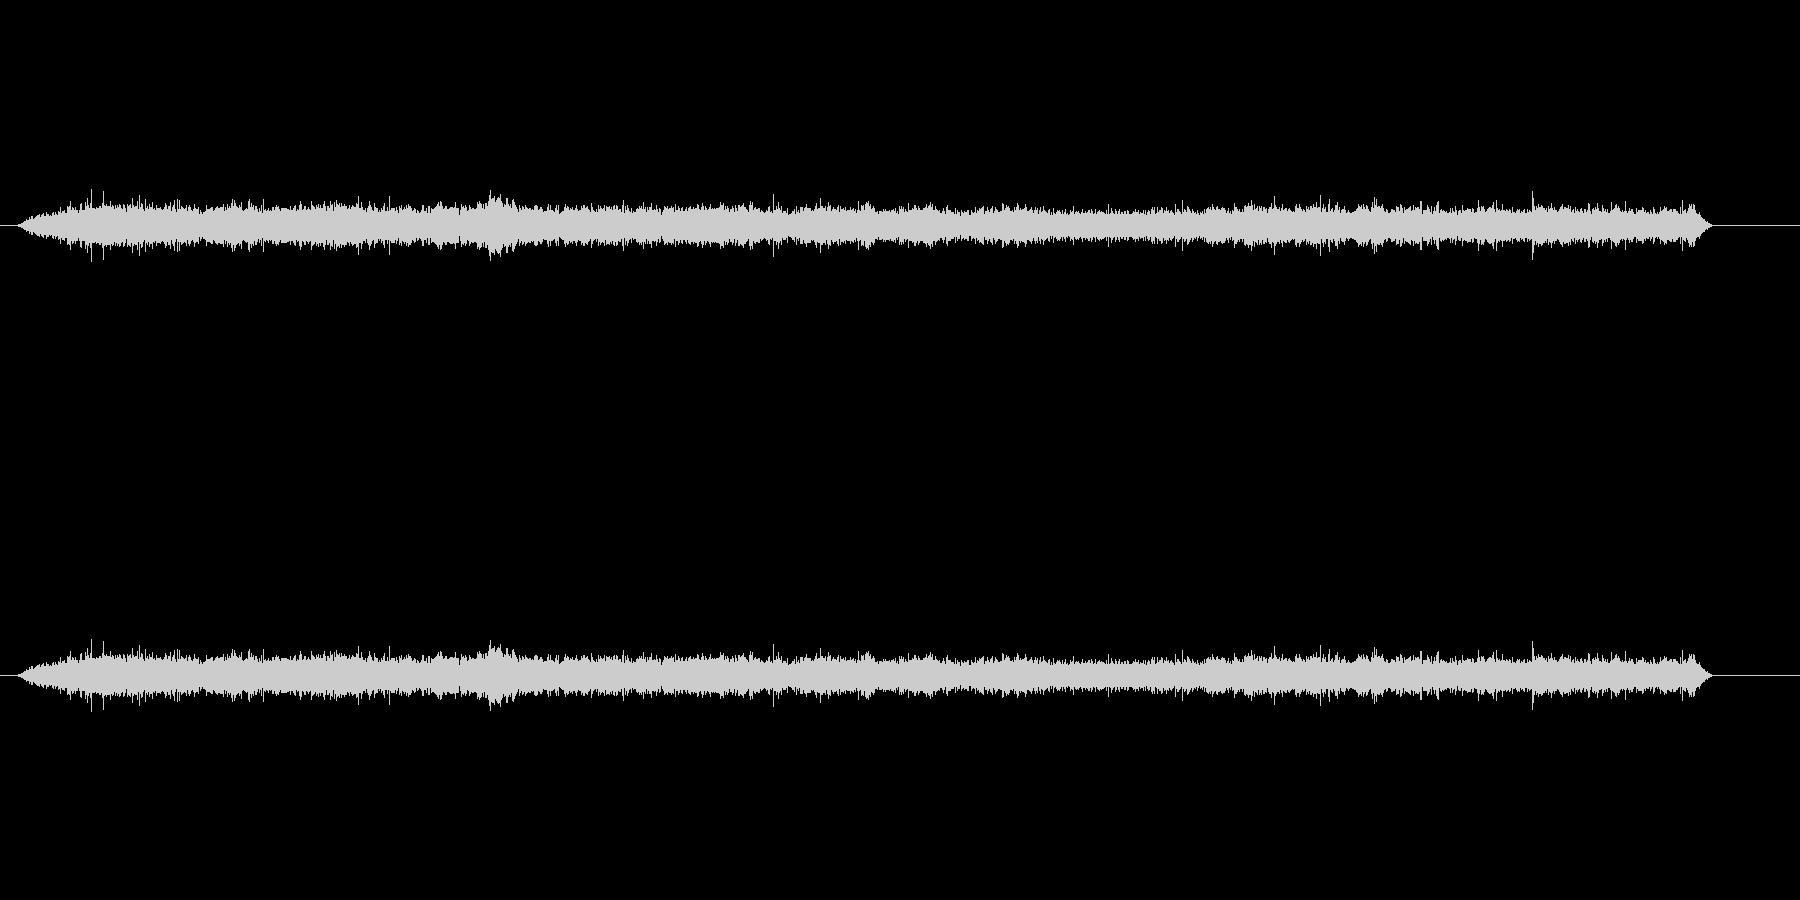 スイミングプールの未再生の波形